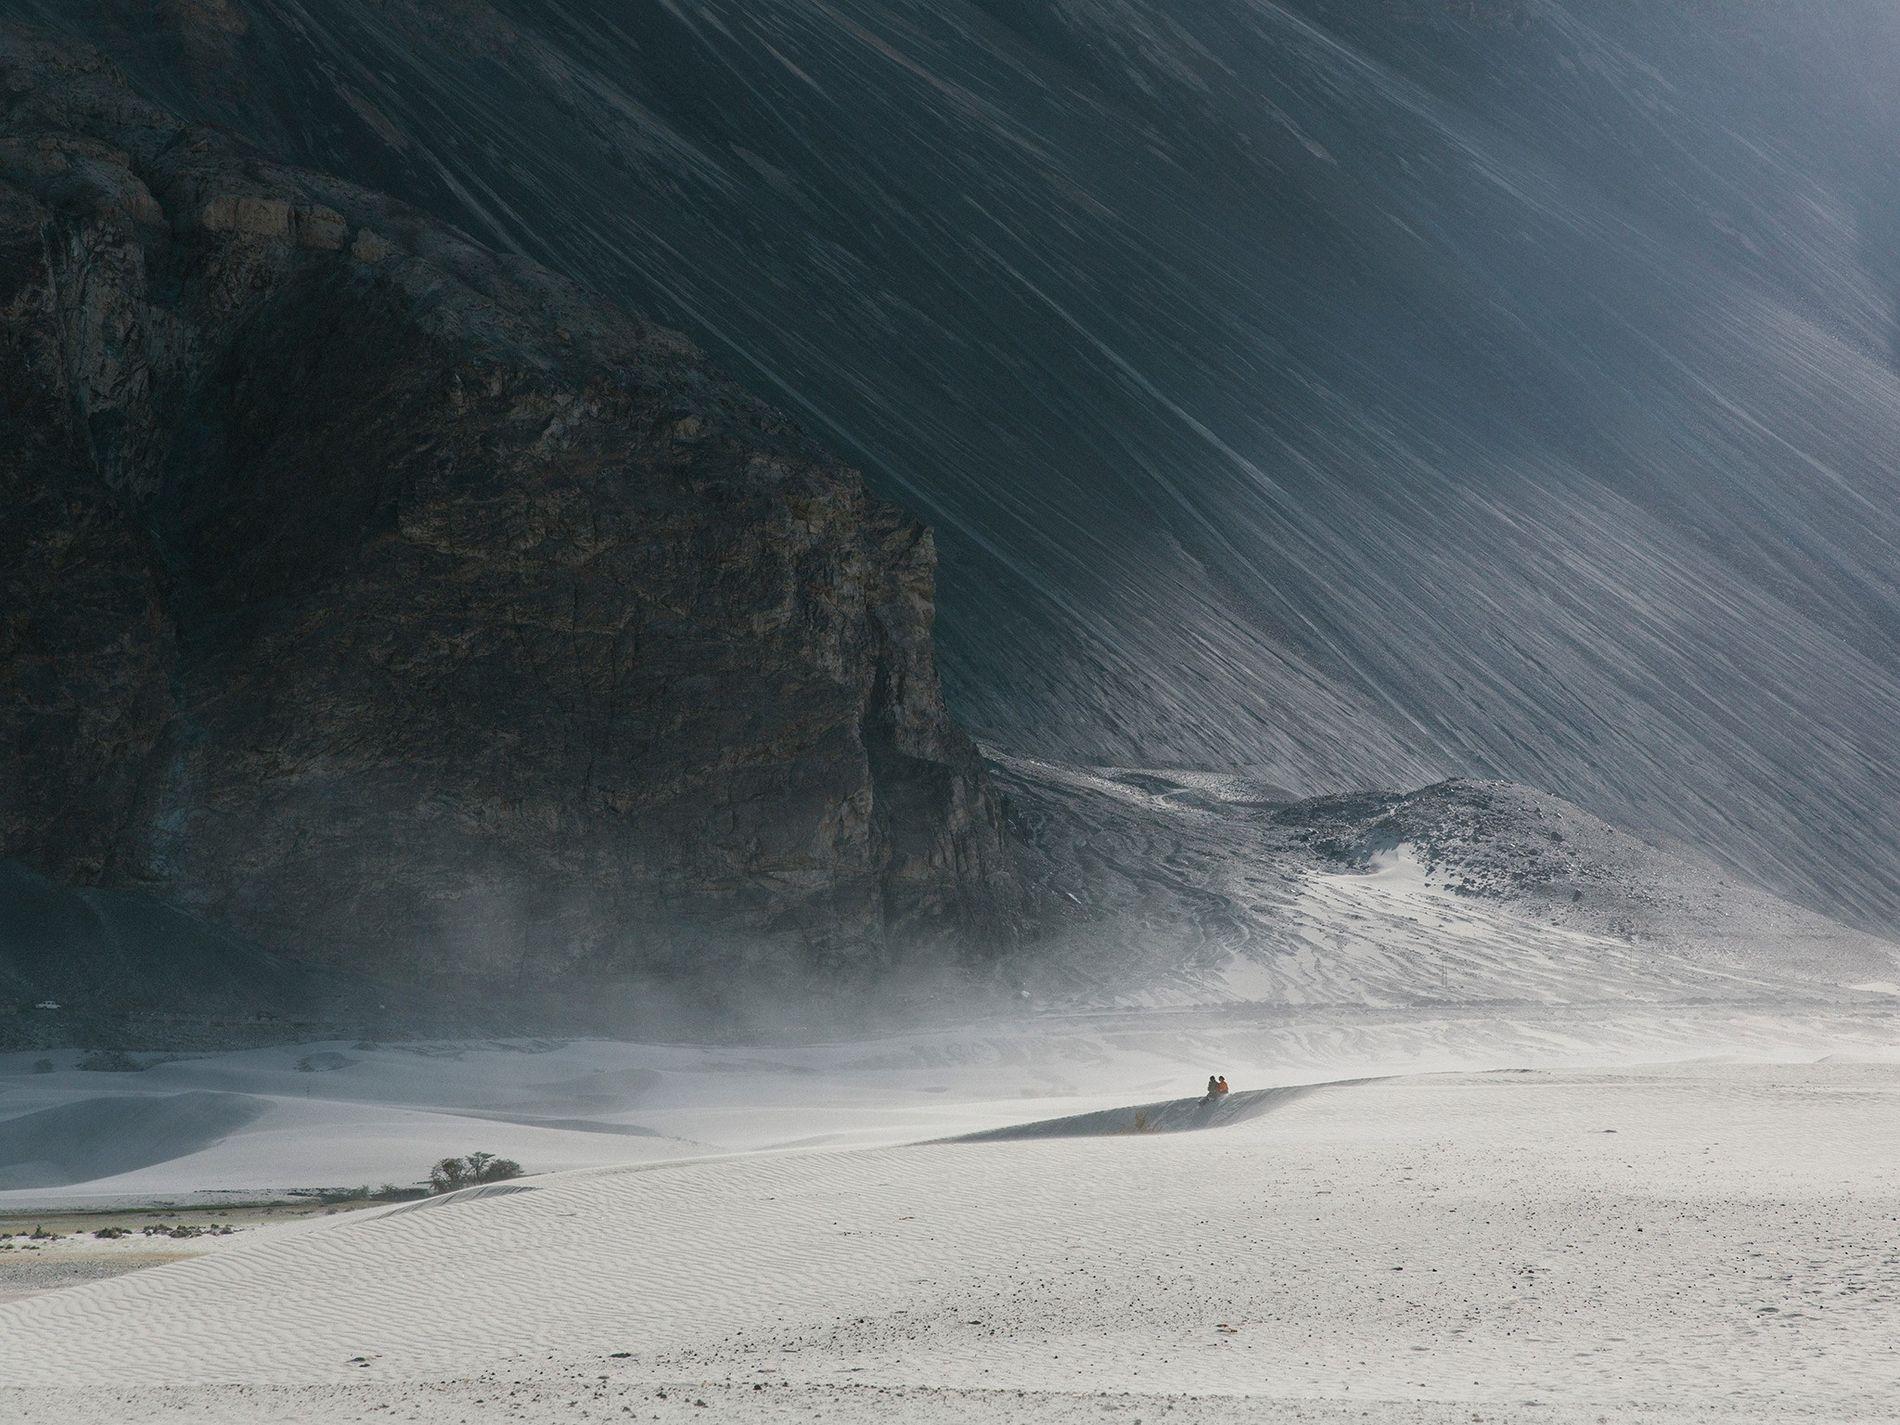 A couple soaks up the otherworldly landscape of Ladakh, India.